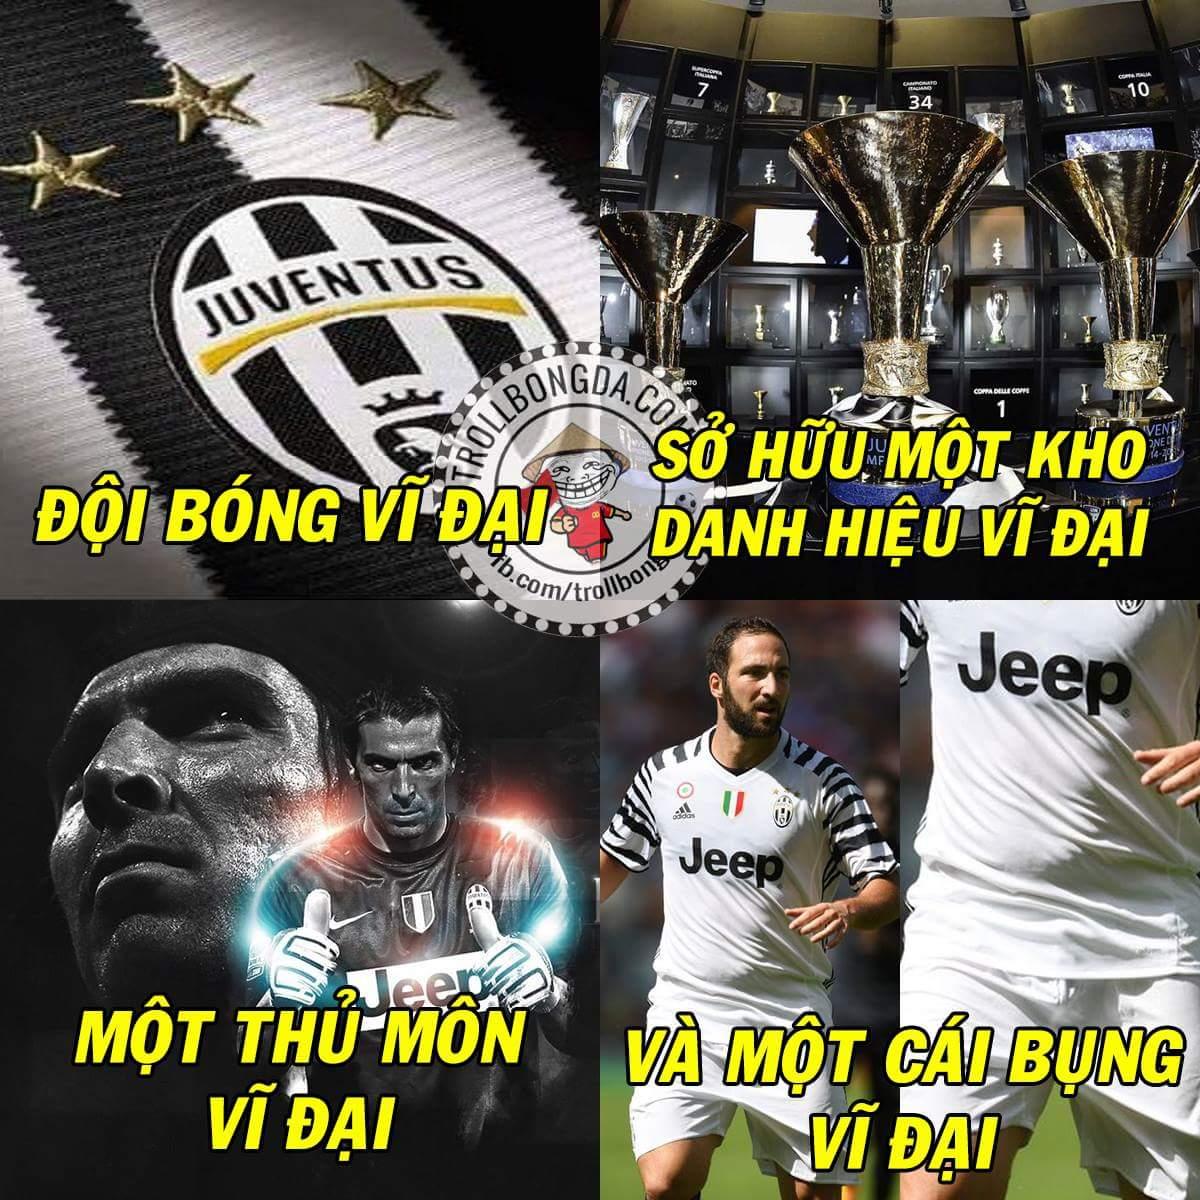 #Juventus đầu tư 90 triệu Euro mua tiền đạo được khuyến mãi thêm một đống mỡ sạch....